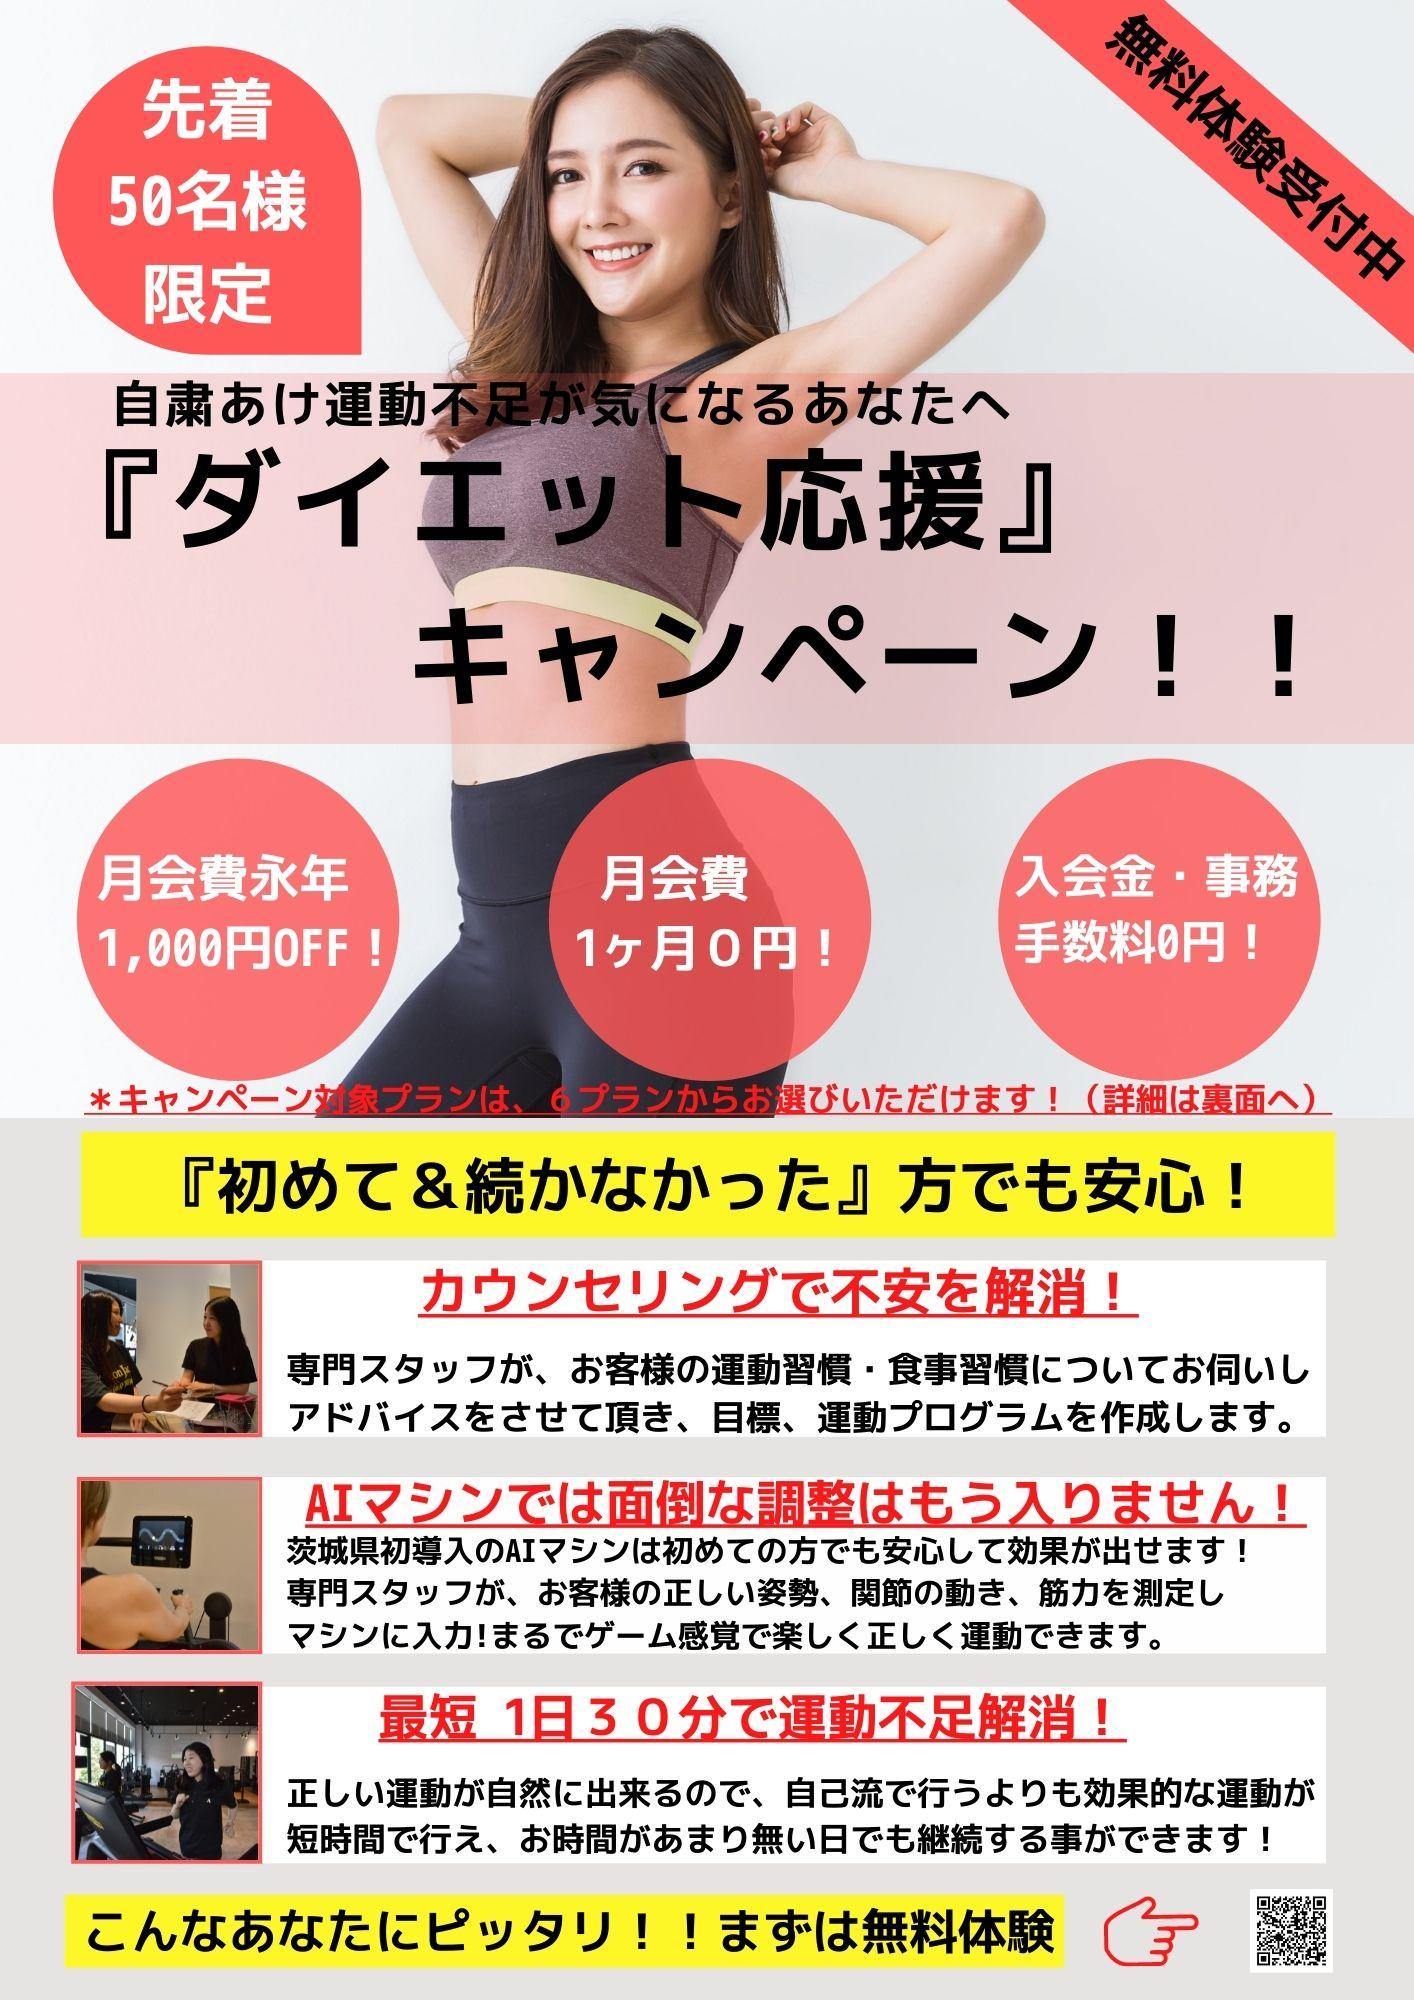 自粛明けダイエットキャンペーンpage-visual 自粛明けダイエットキャンペーンビジュアル